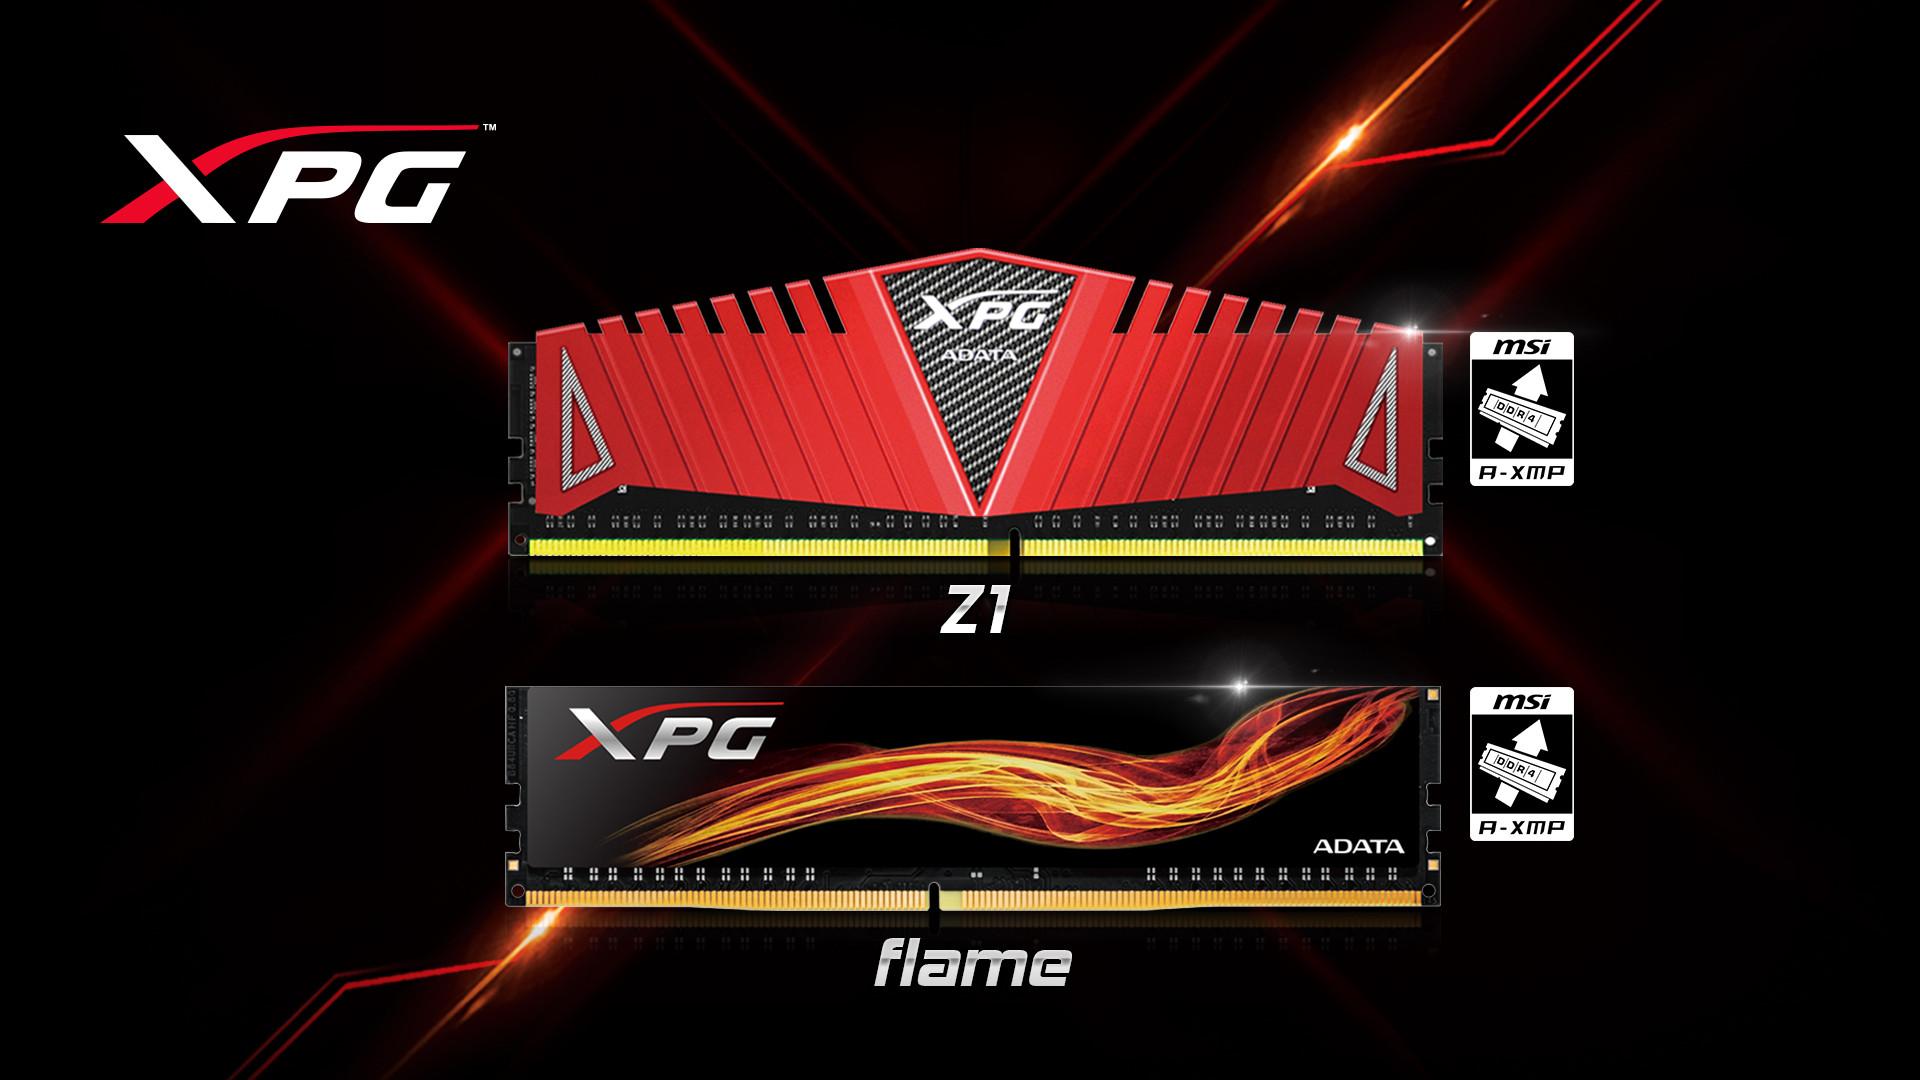 ADATA XPG DDR4 oficialmente validad para AMD con compatibilidad para Ryzen